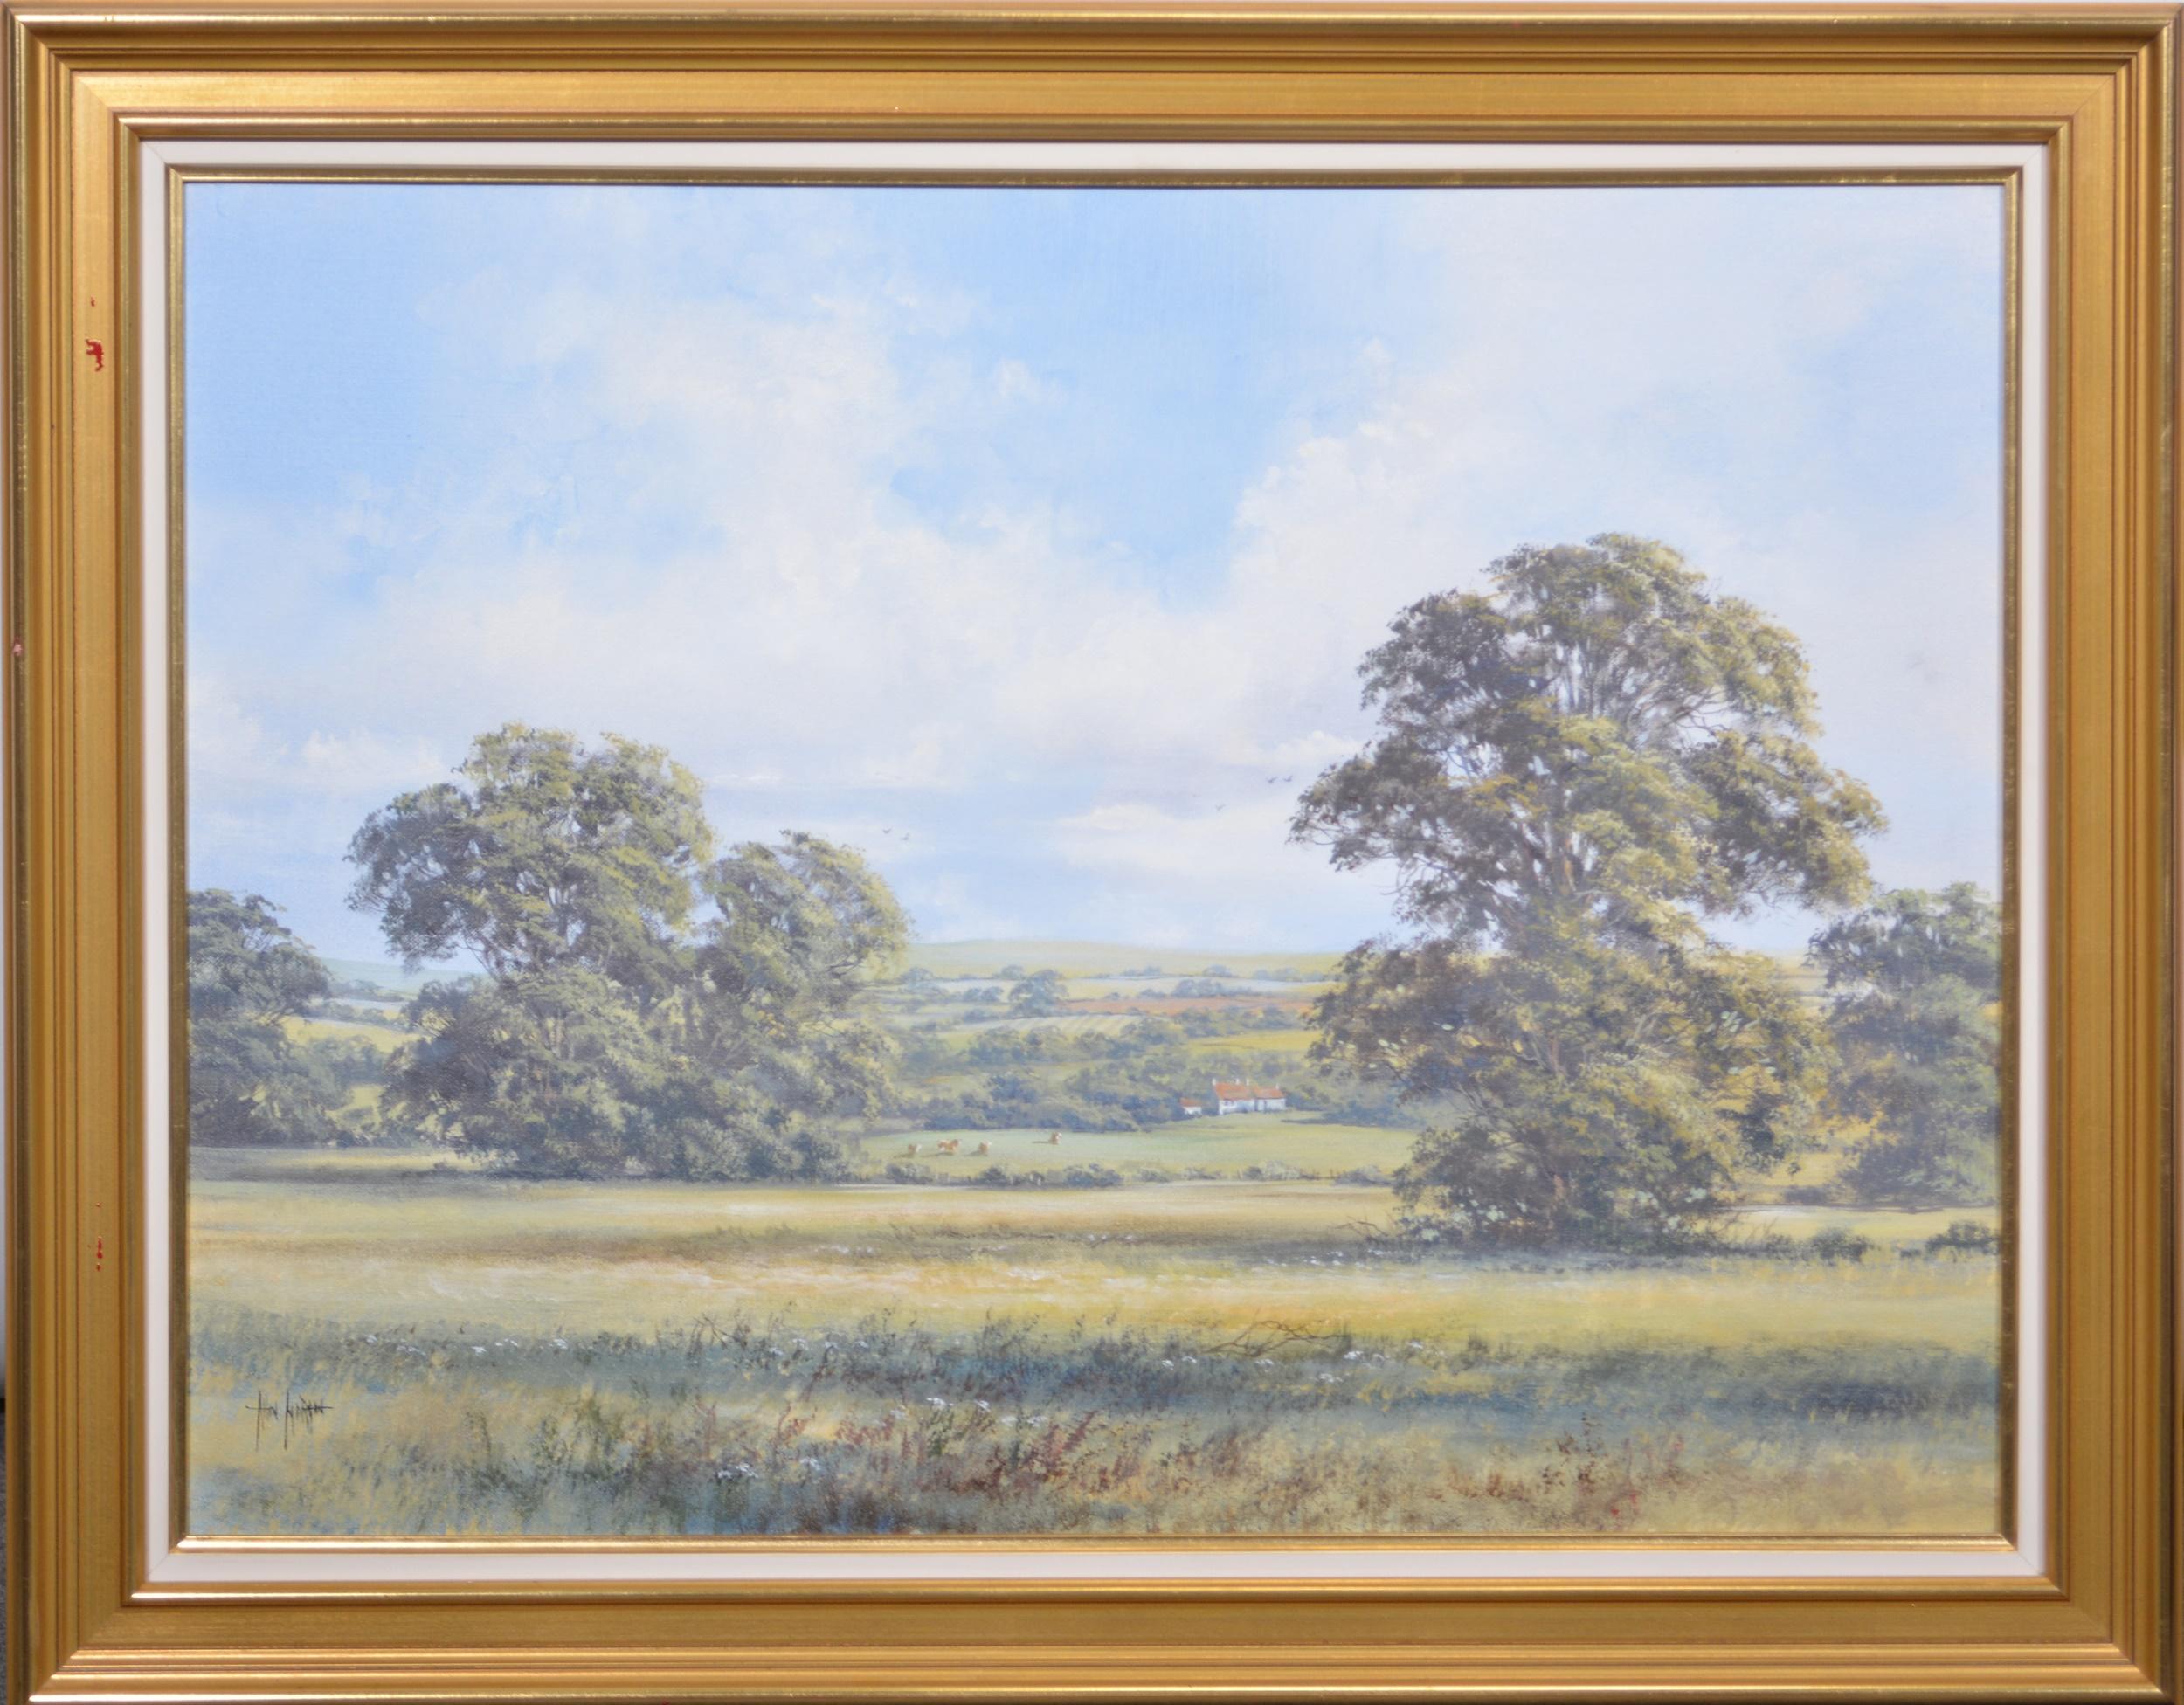 Allan Morgan, Country landscape - Image 2 of 4